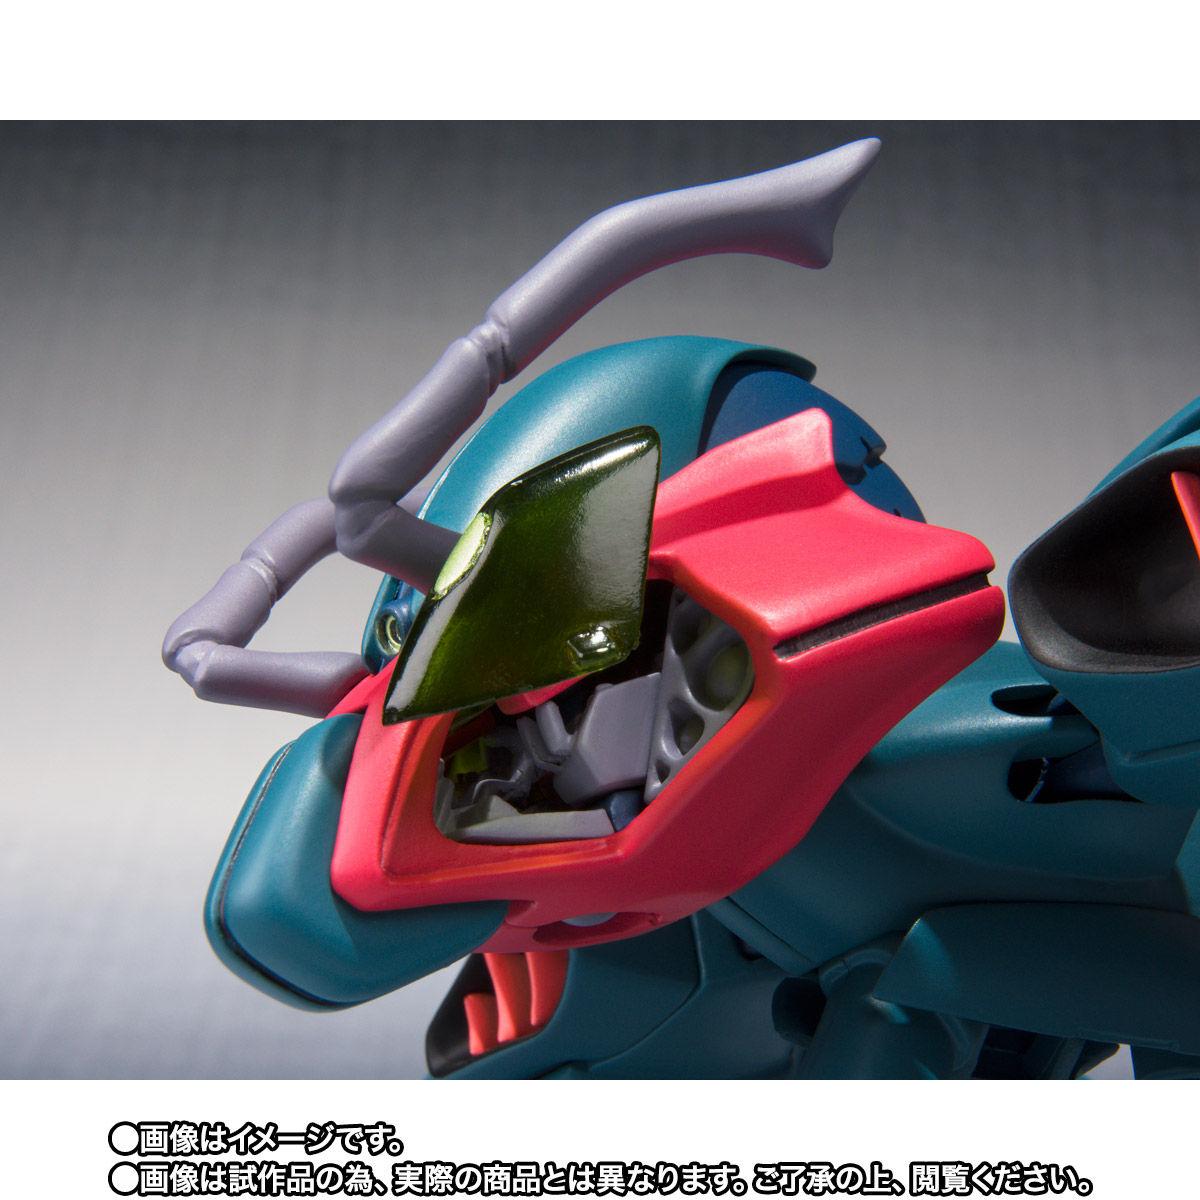 【限定販売】ROBOT魂〈SIDE AB〉『バラウ』可動フィギュア-005